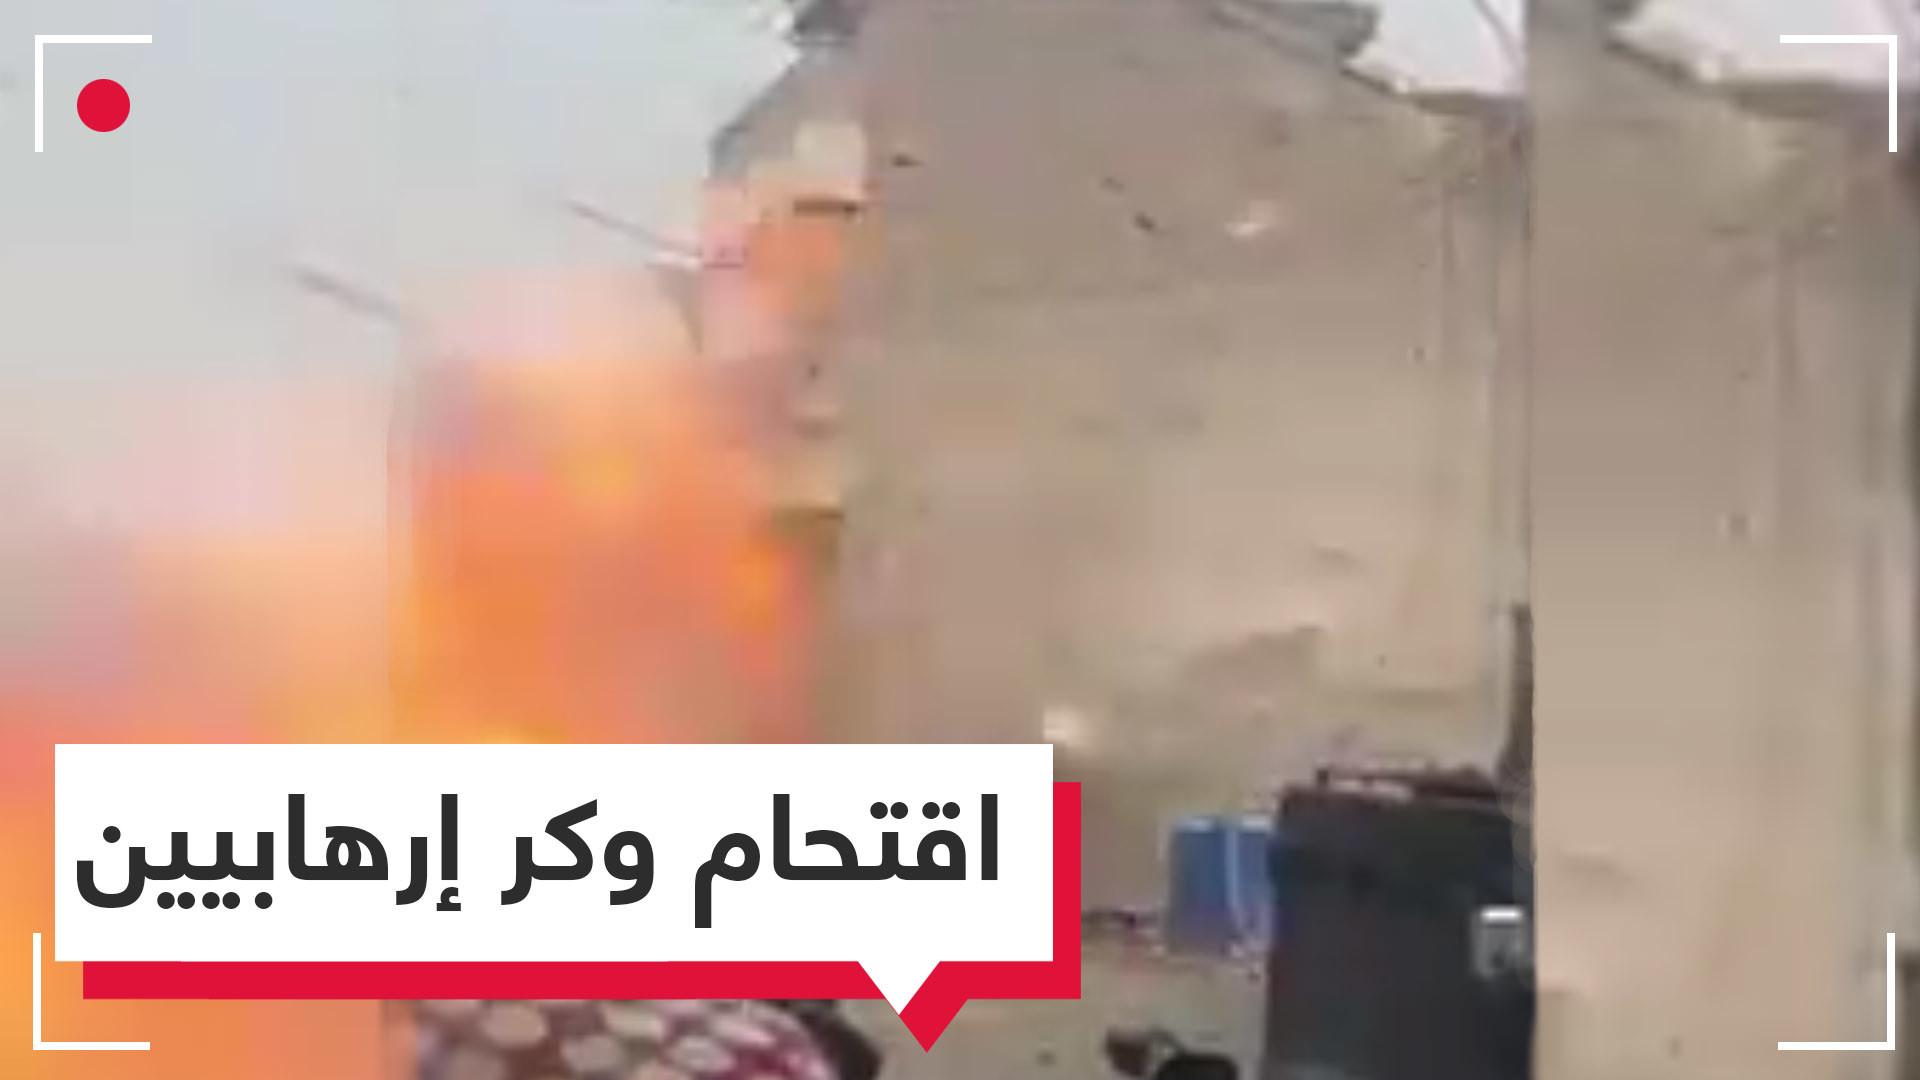 بتفجير المبنى.. القوات الخاصة الباكستانية تستهدف خلية إرهابية